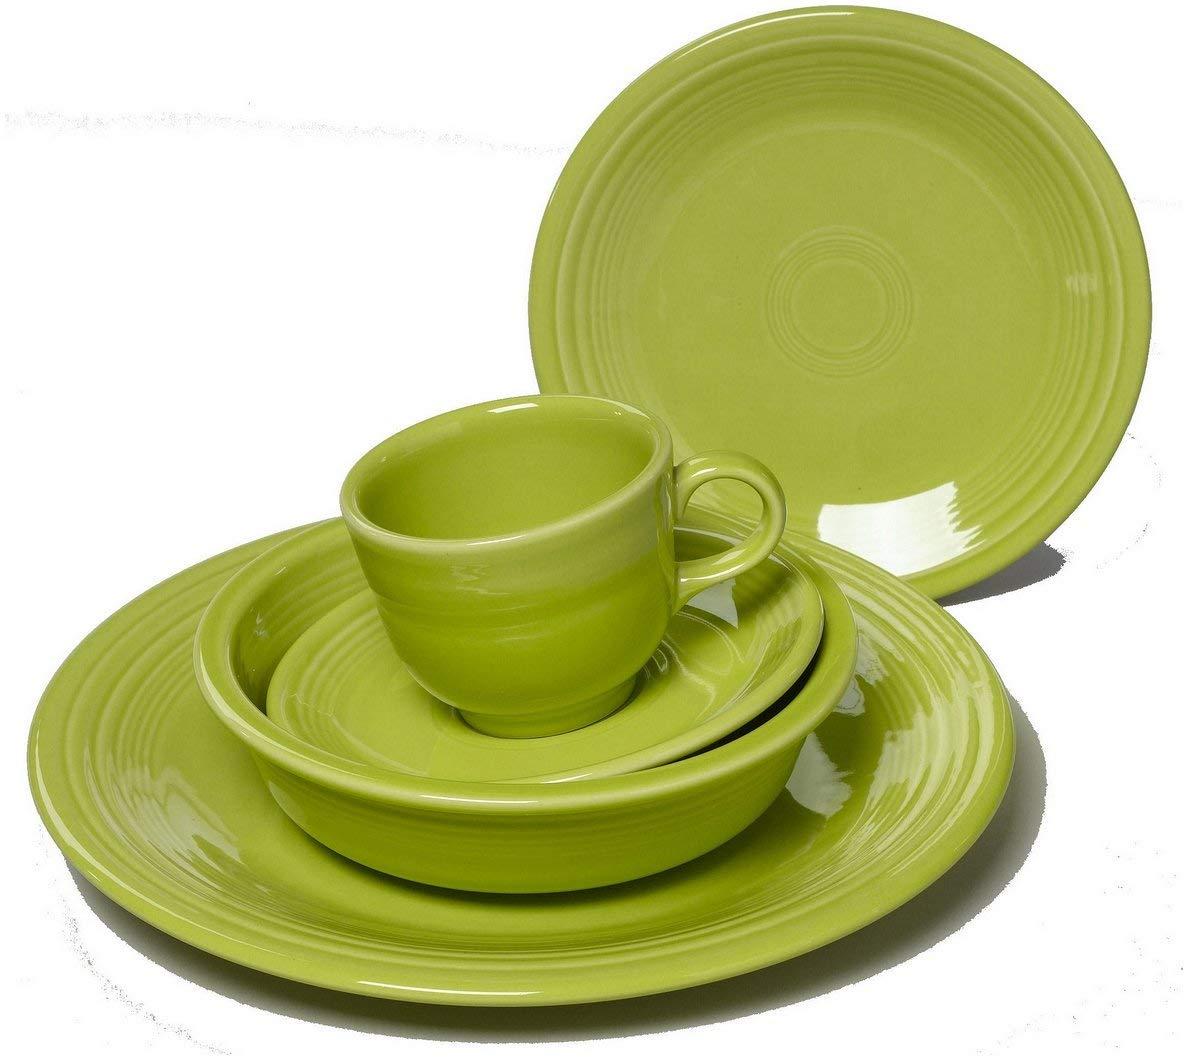 Fiesta Dinnerware 20 Piece Dining Set - Lemongrass Green - 855332